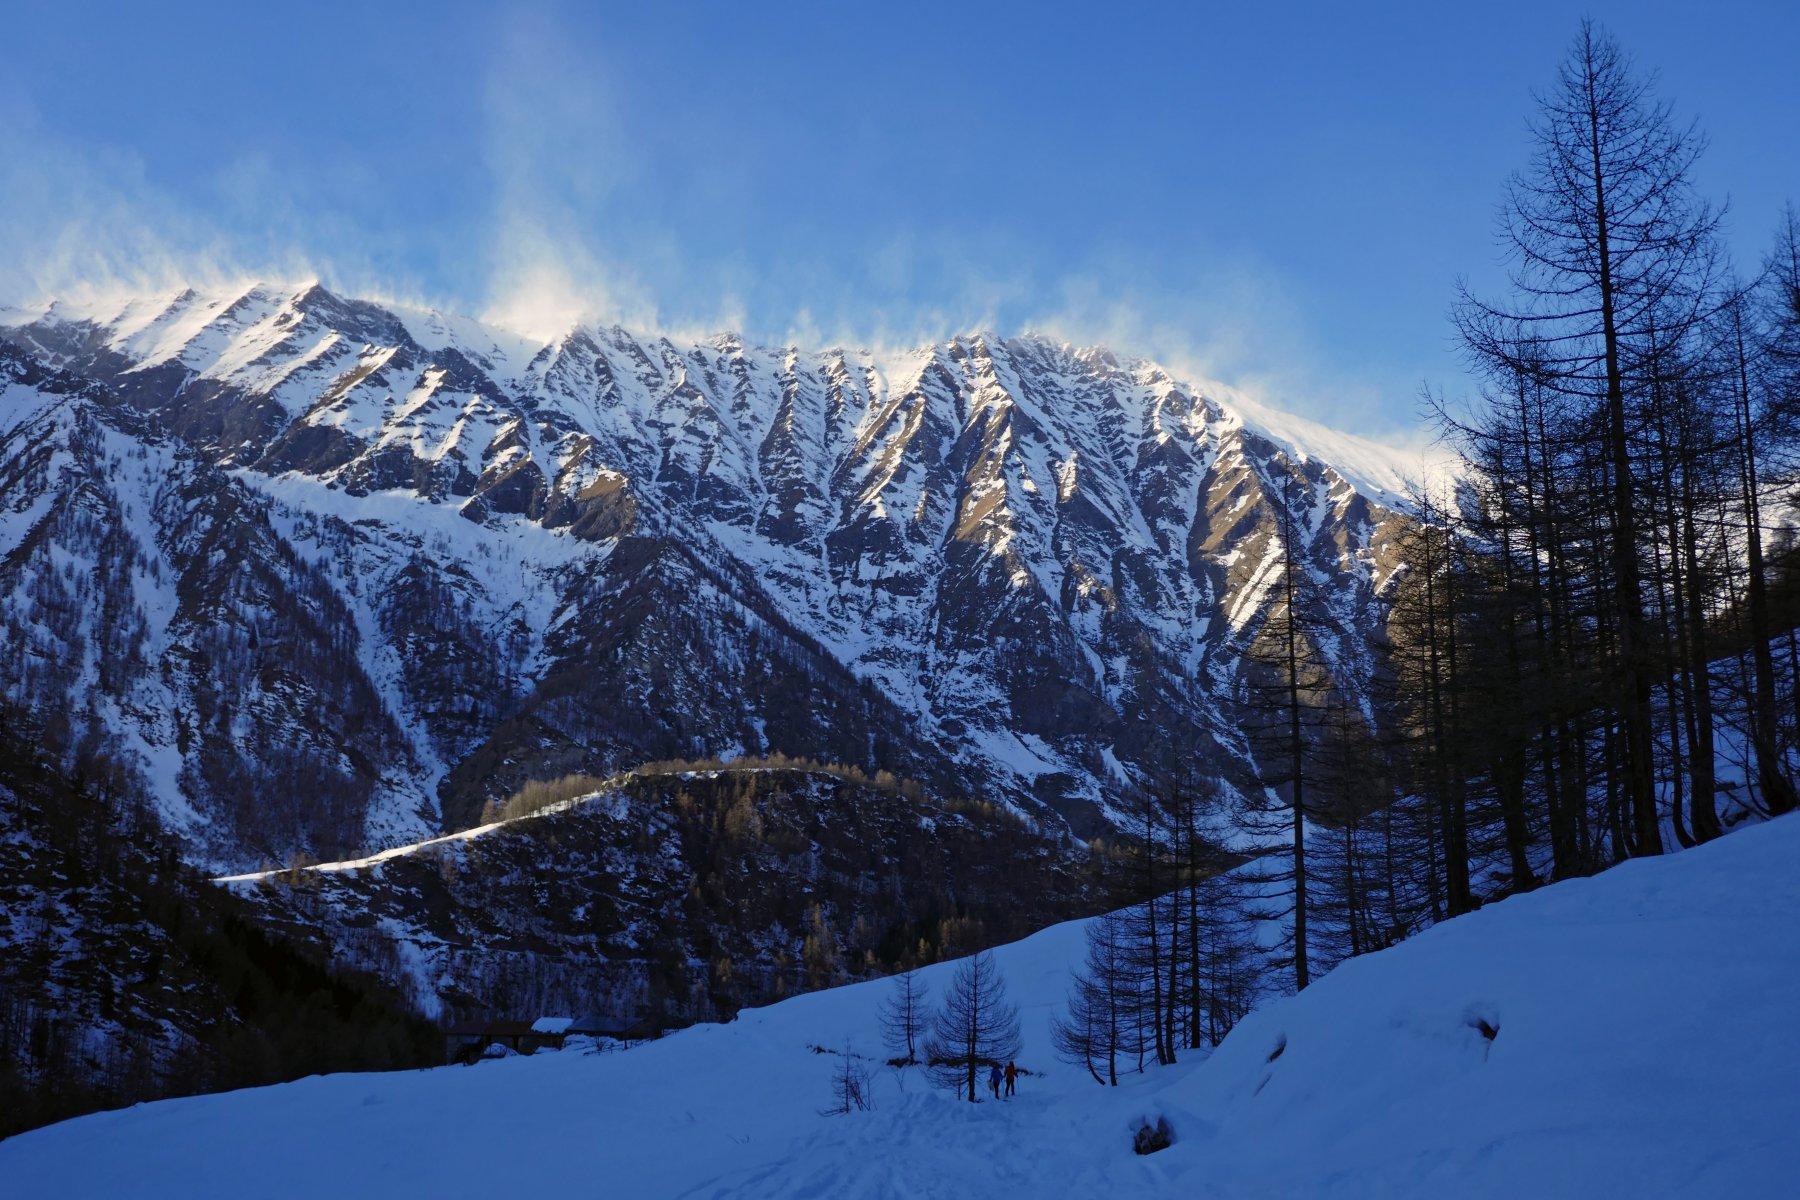 In discesa nei pressi delle Miande Selle, si notano i turbini di neve sulle cime